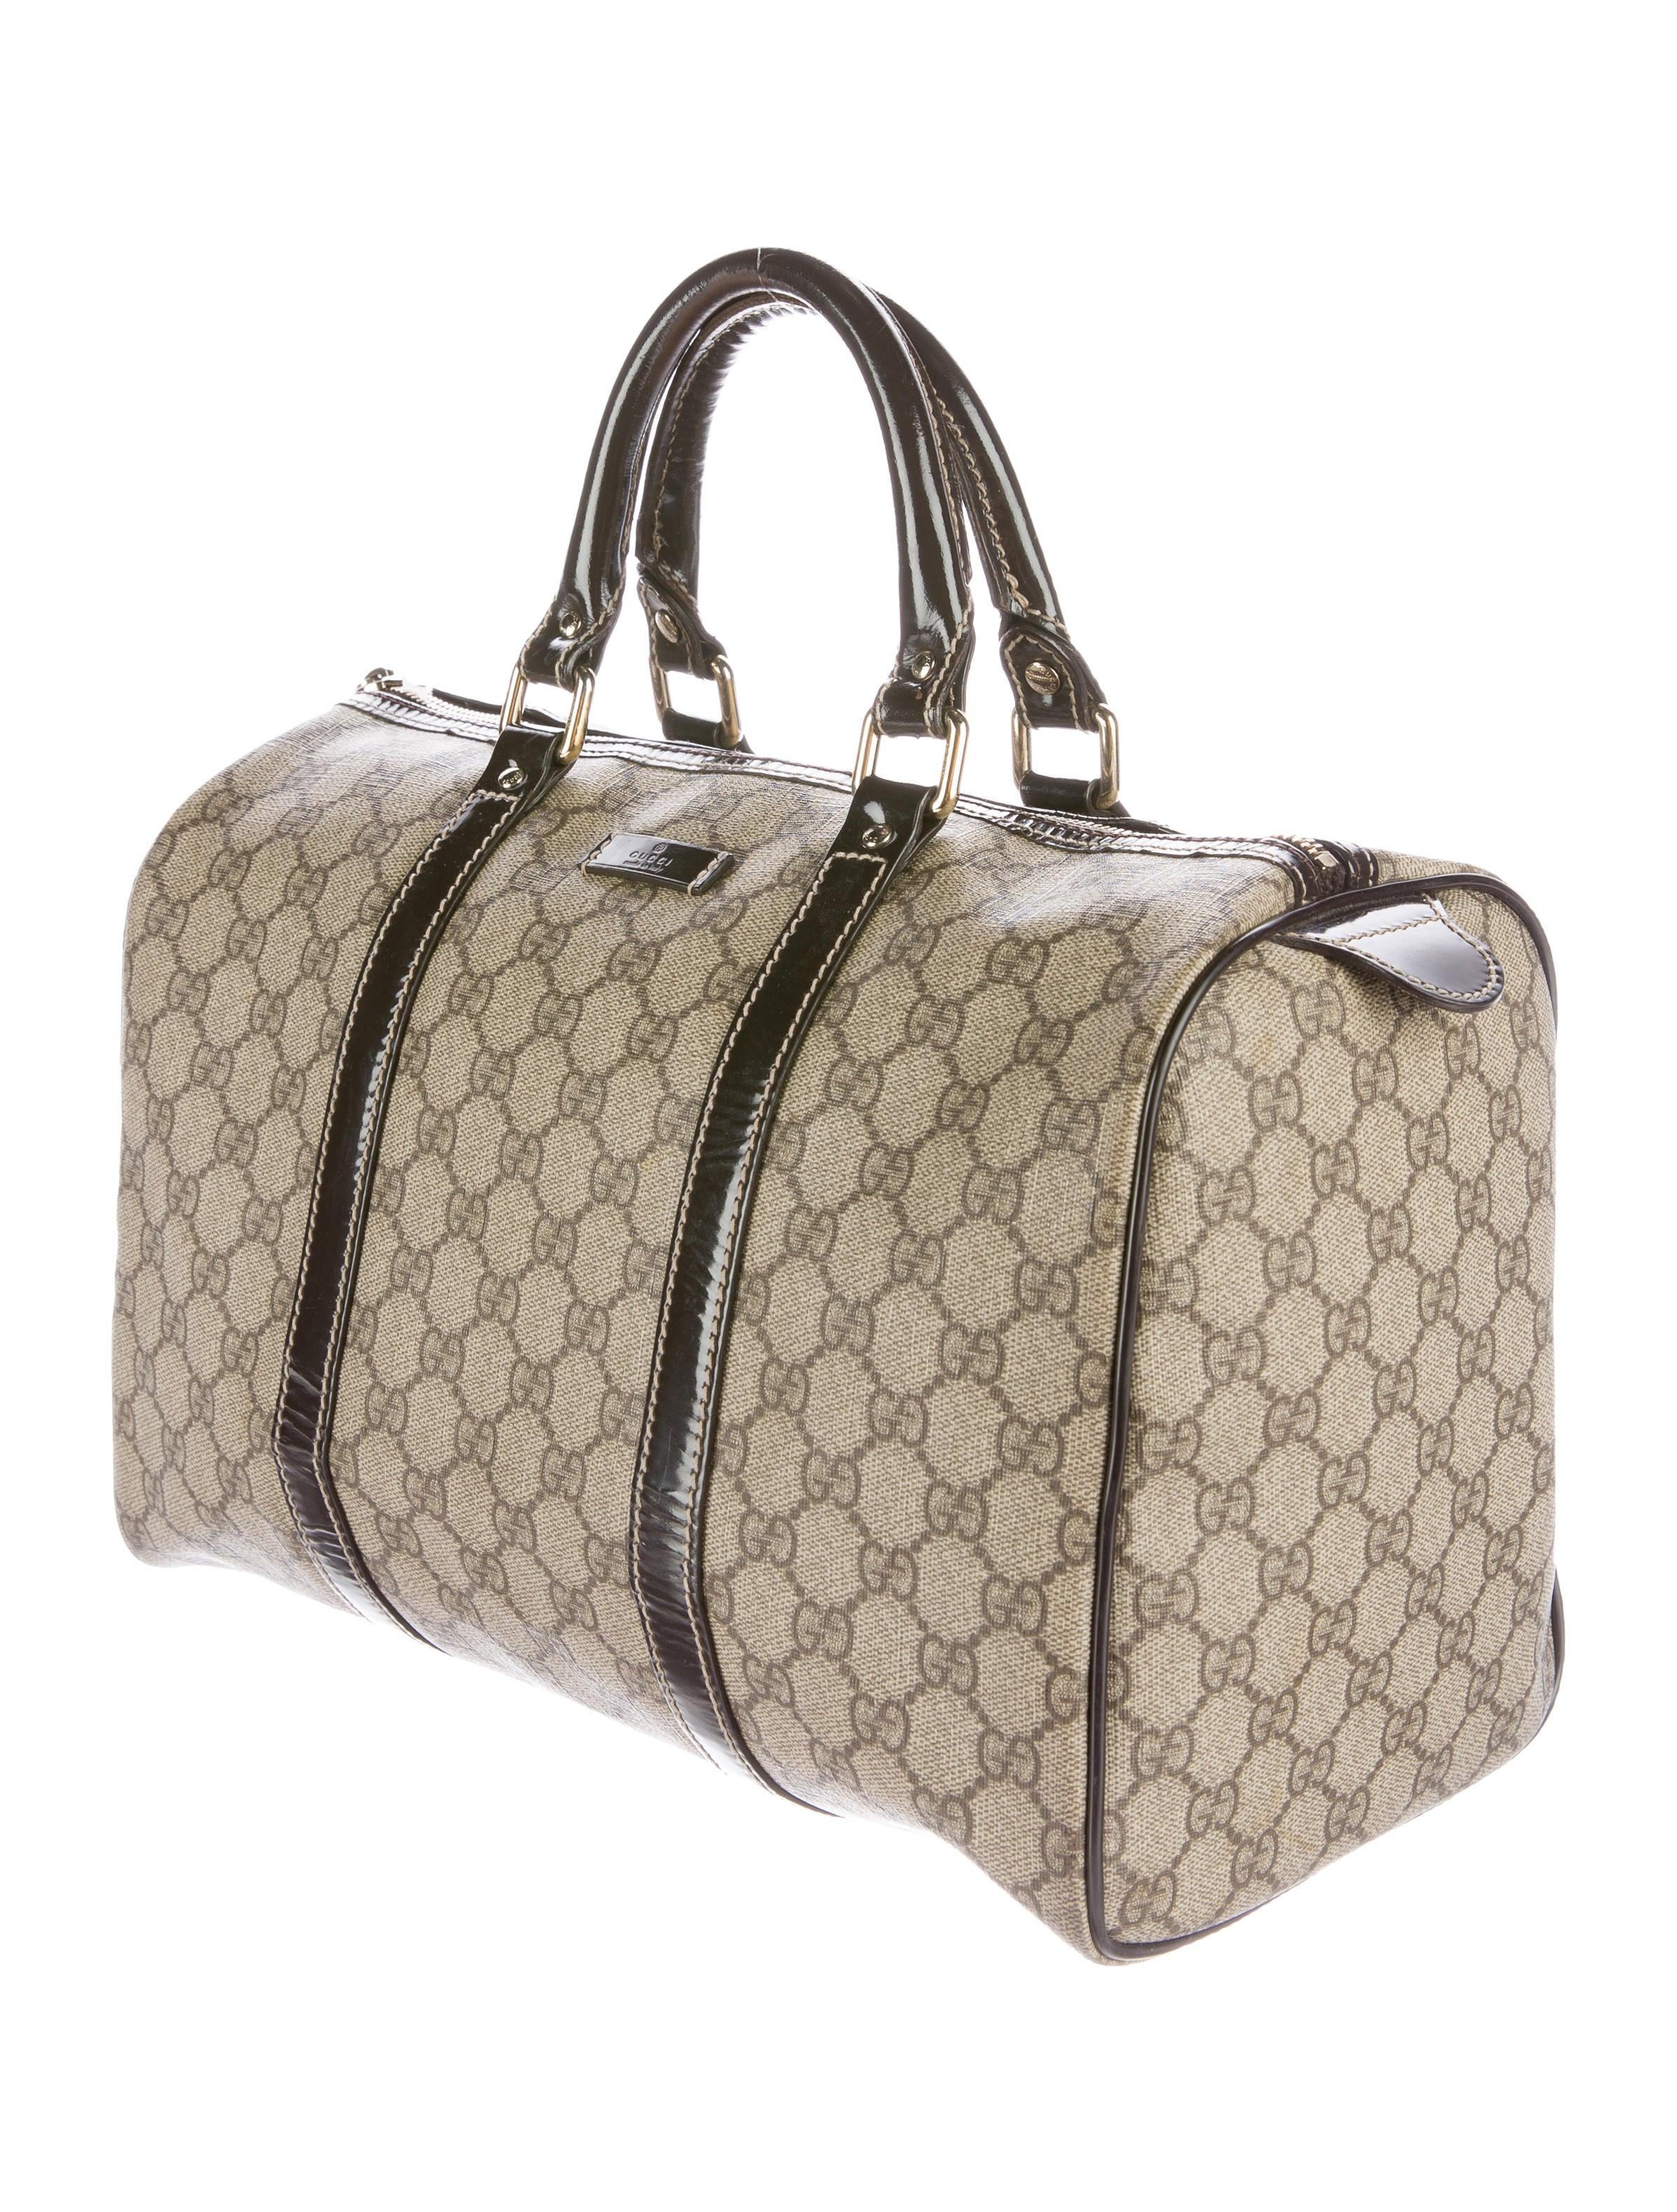 Boston Bag Patchwork Tutorial: Gucci GG Supreme Joy Boston Bag